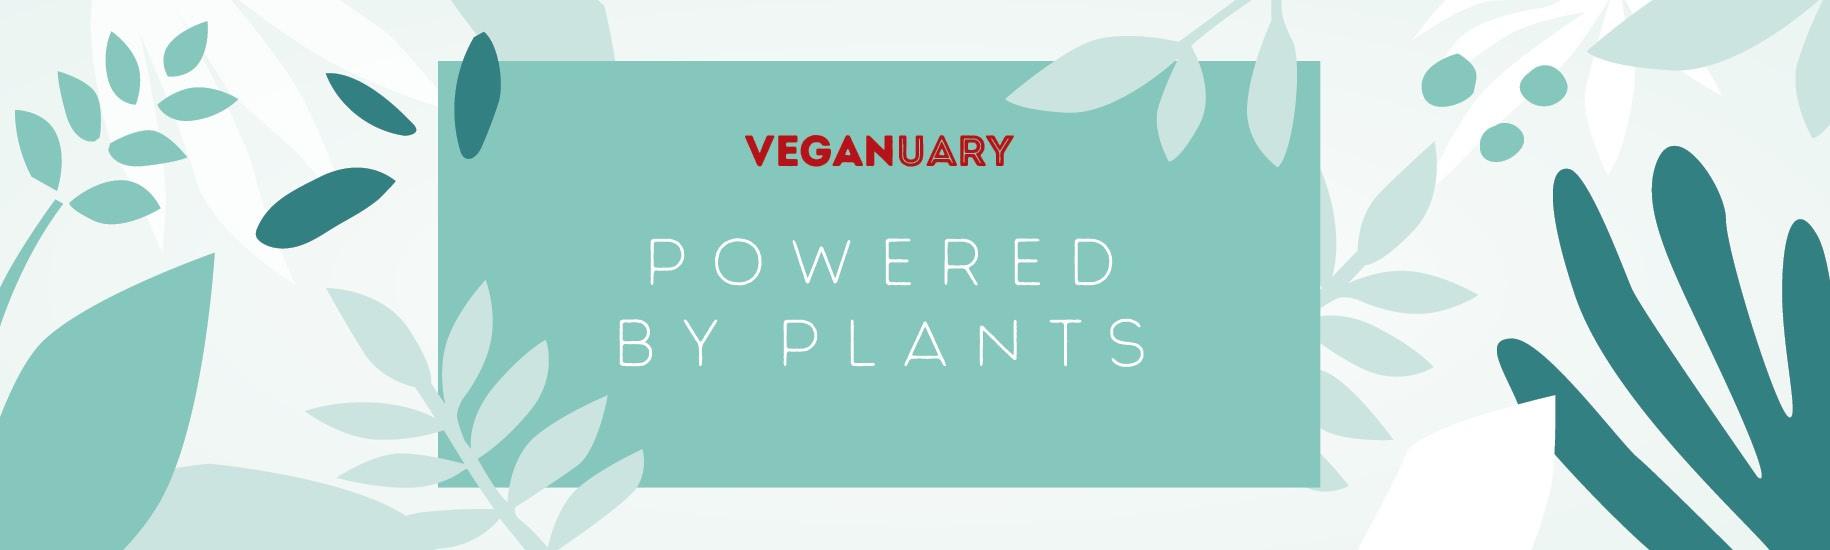 Nourish Veganuary